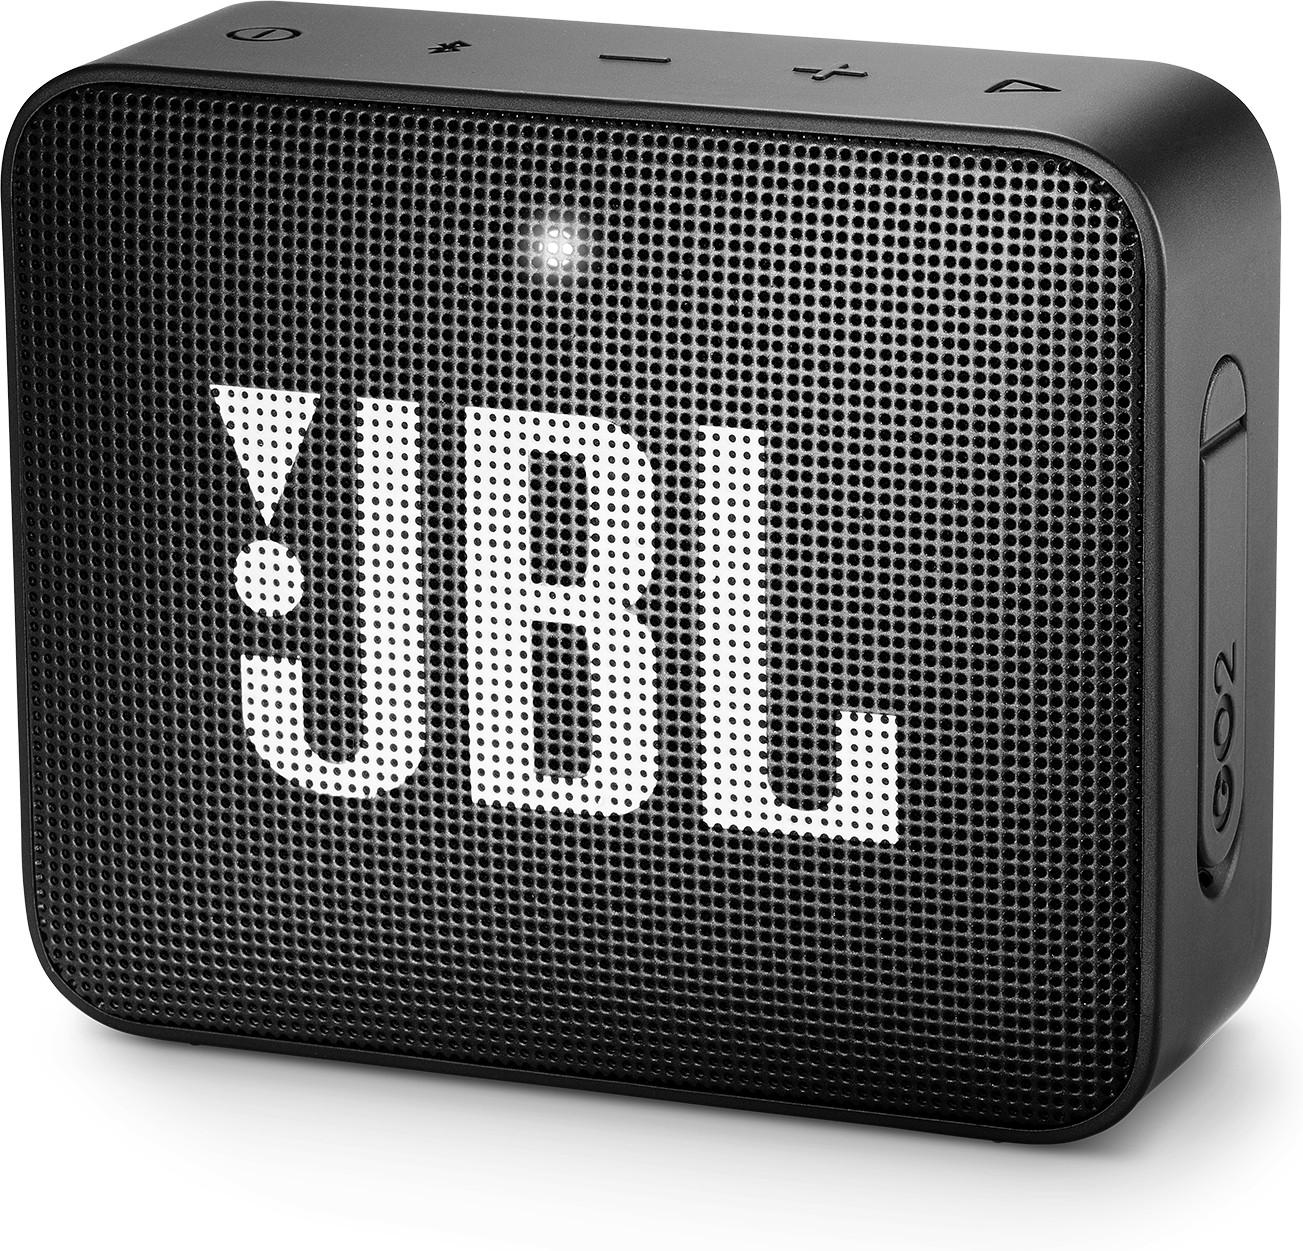 Enceinte Bluetooth JBL Go 2 - noir (vendeur tiers)